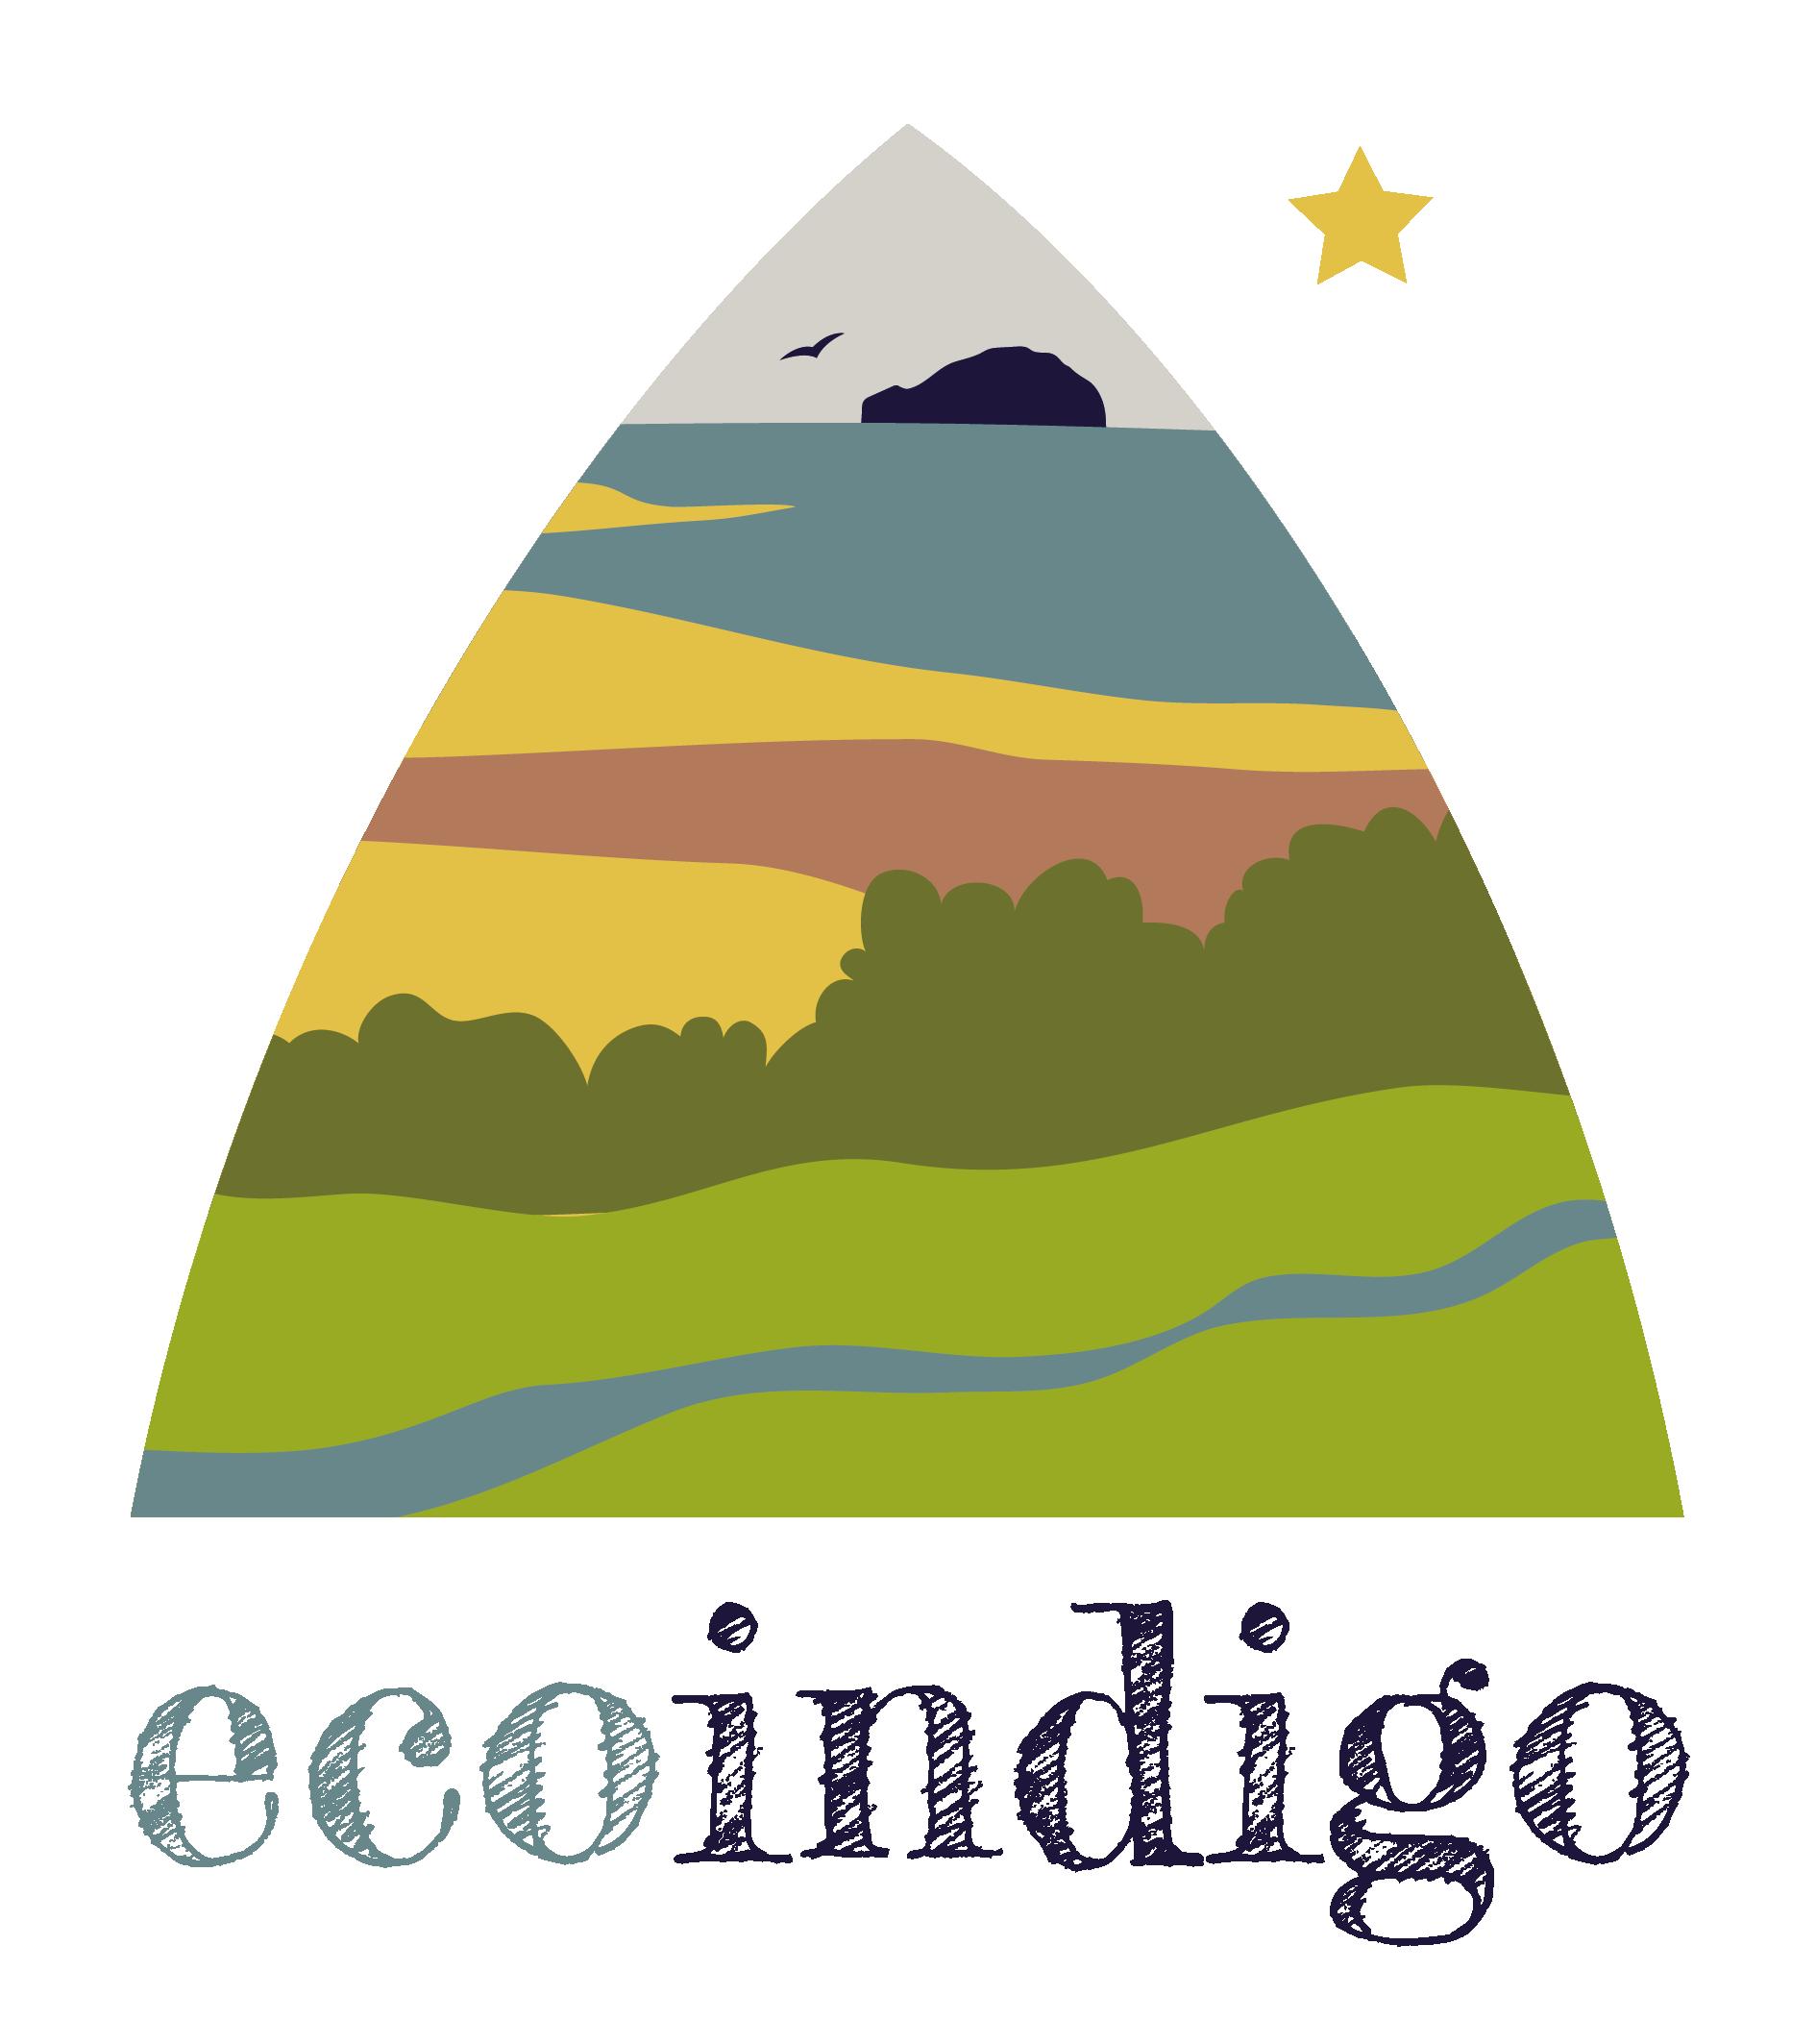 Eco Indigo